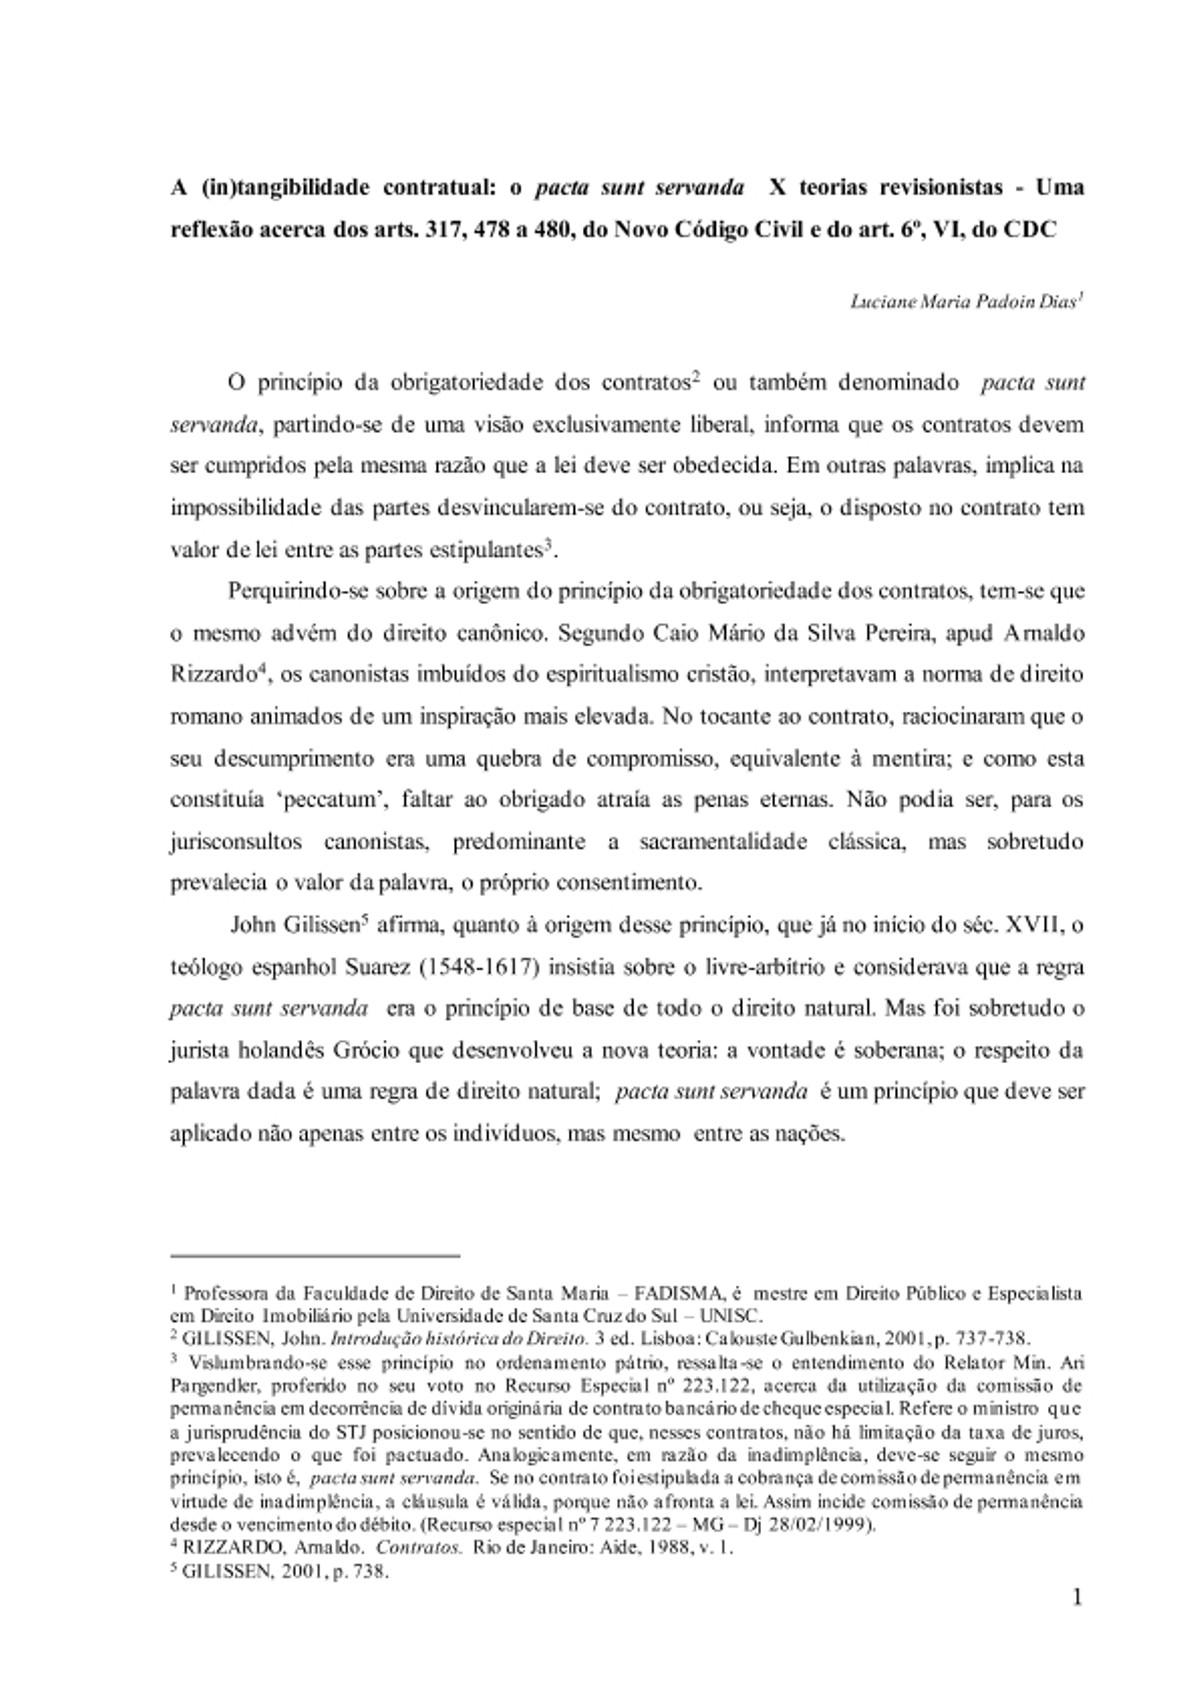 Pre-visualização do material A (in)tangibilidade contratual: o pacta sunt servanda  X teorias revisionistas - Uma reflexão acerca dos arts. 317, 478 a 480, do Novo Código Civil e do art. 6º, VI, do CDC - página 1